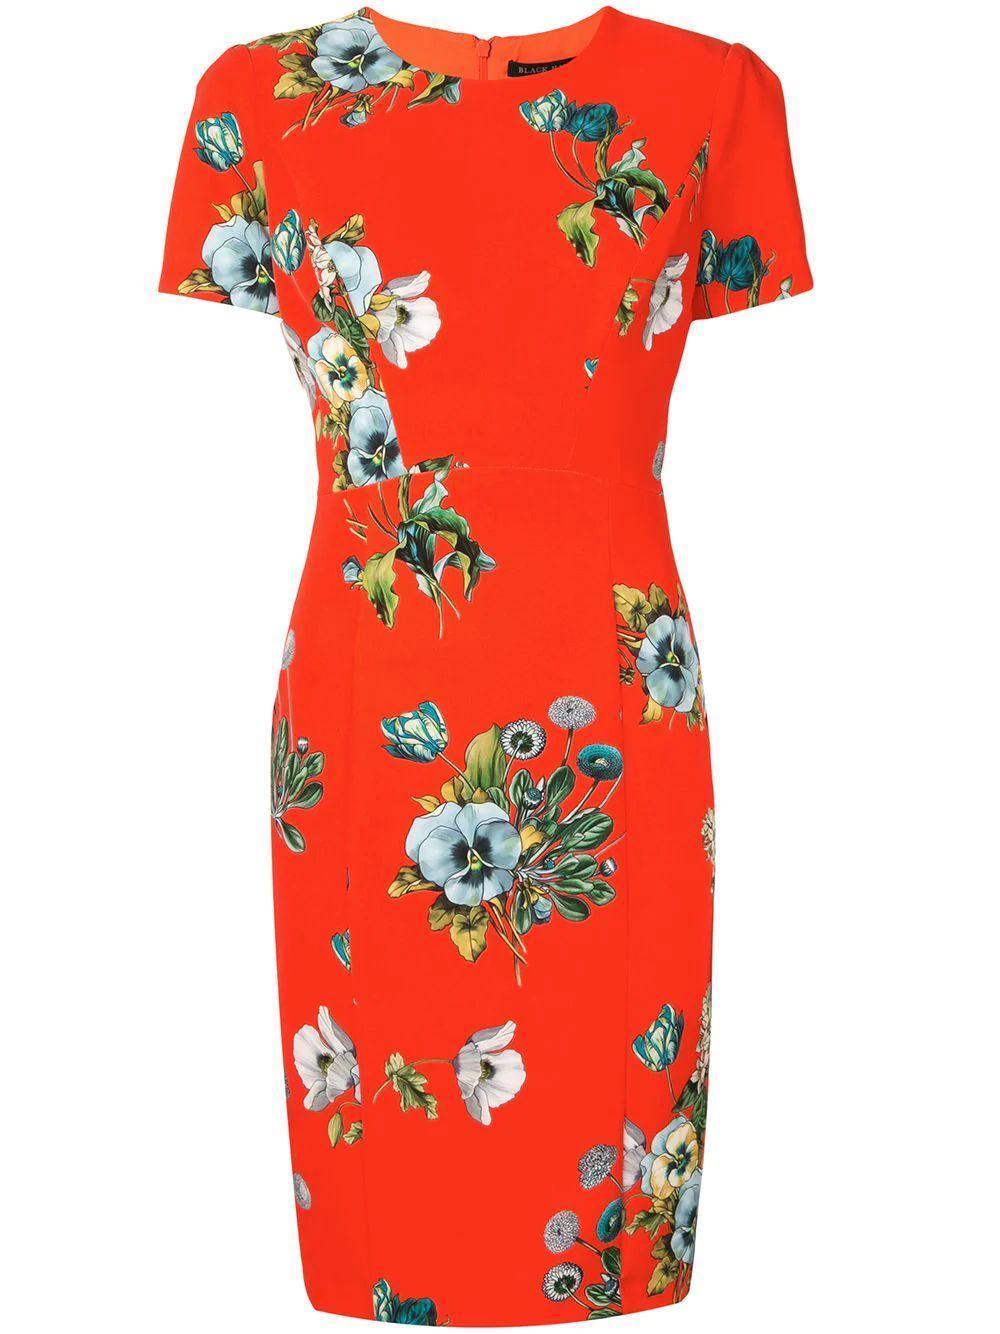 Jodee Floral Sheath Dress Item # 7662142